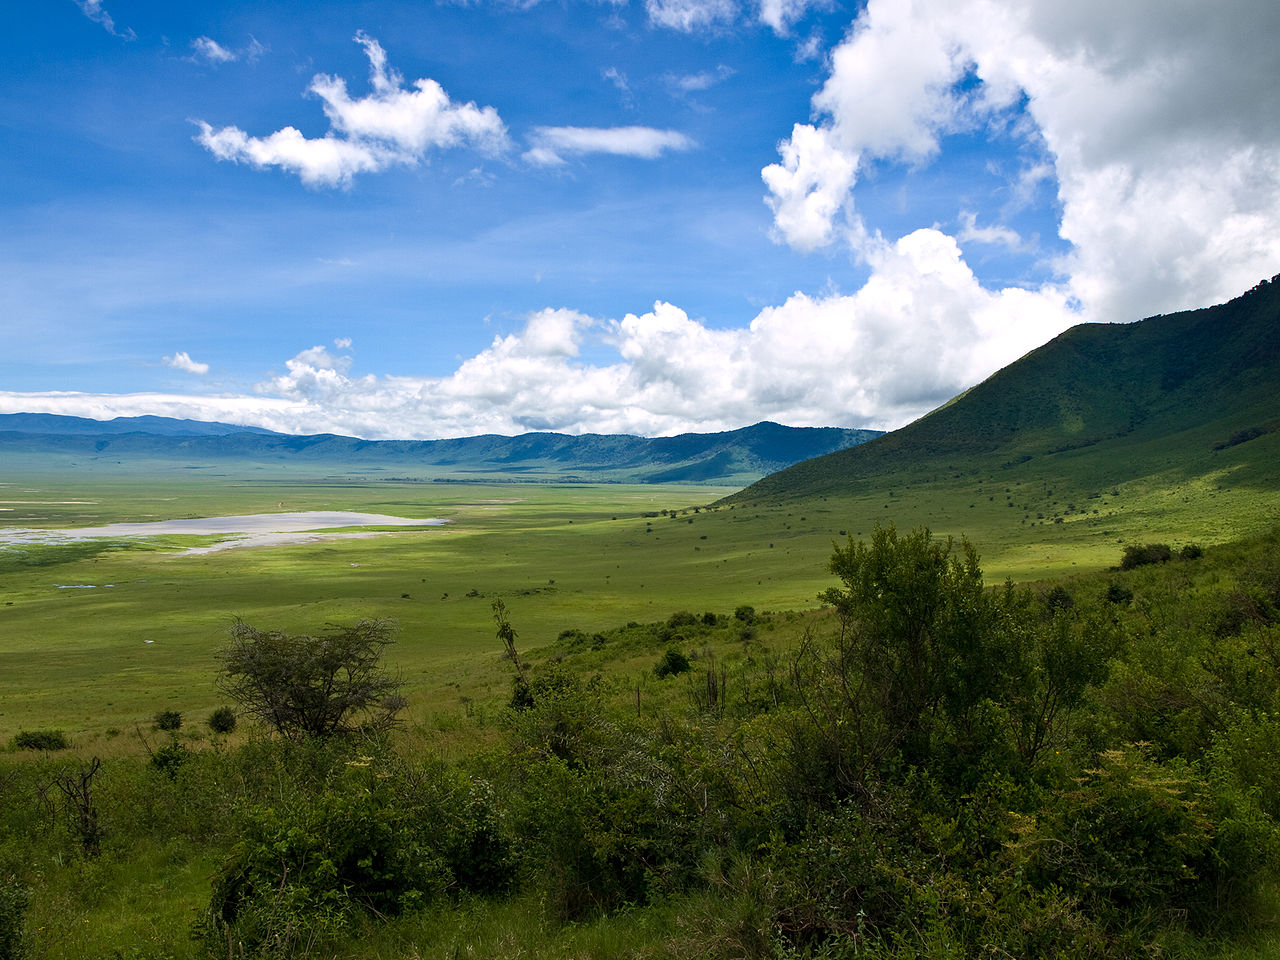 Kawah Ngorongoro, kaldera vulkanik terbesar di dunia yang tidak aktif dan utuh